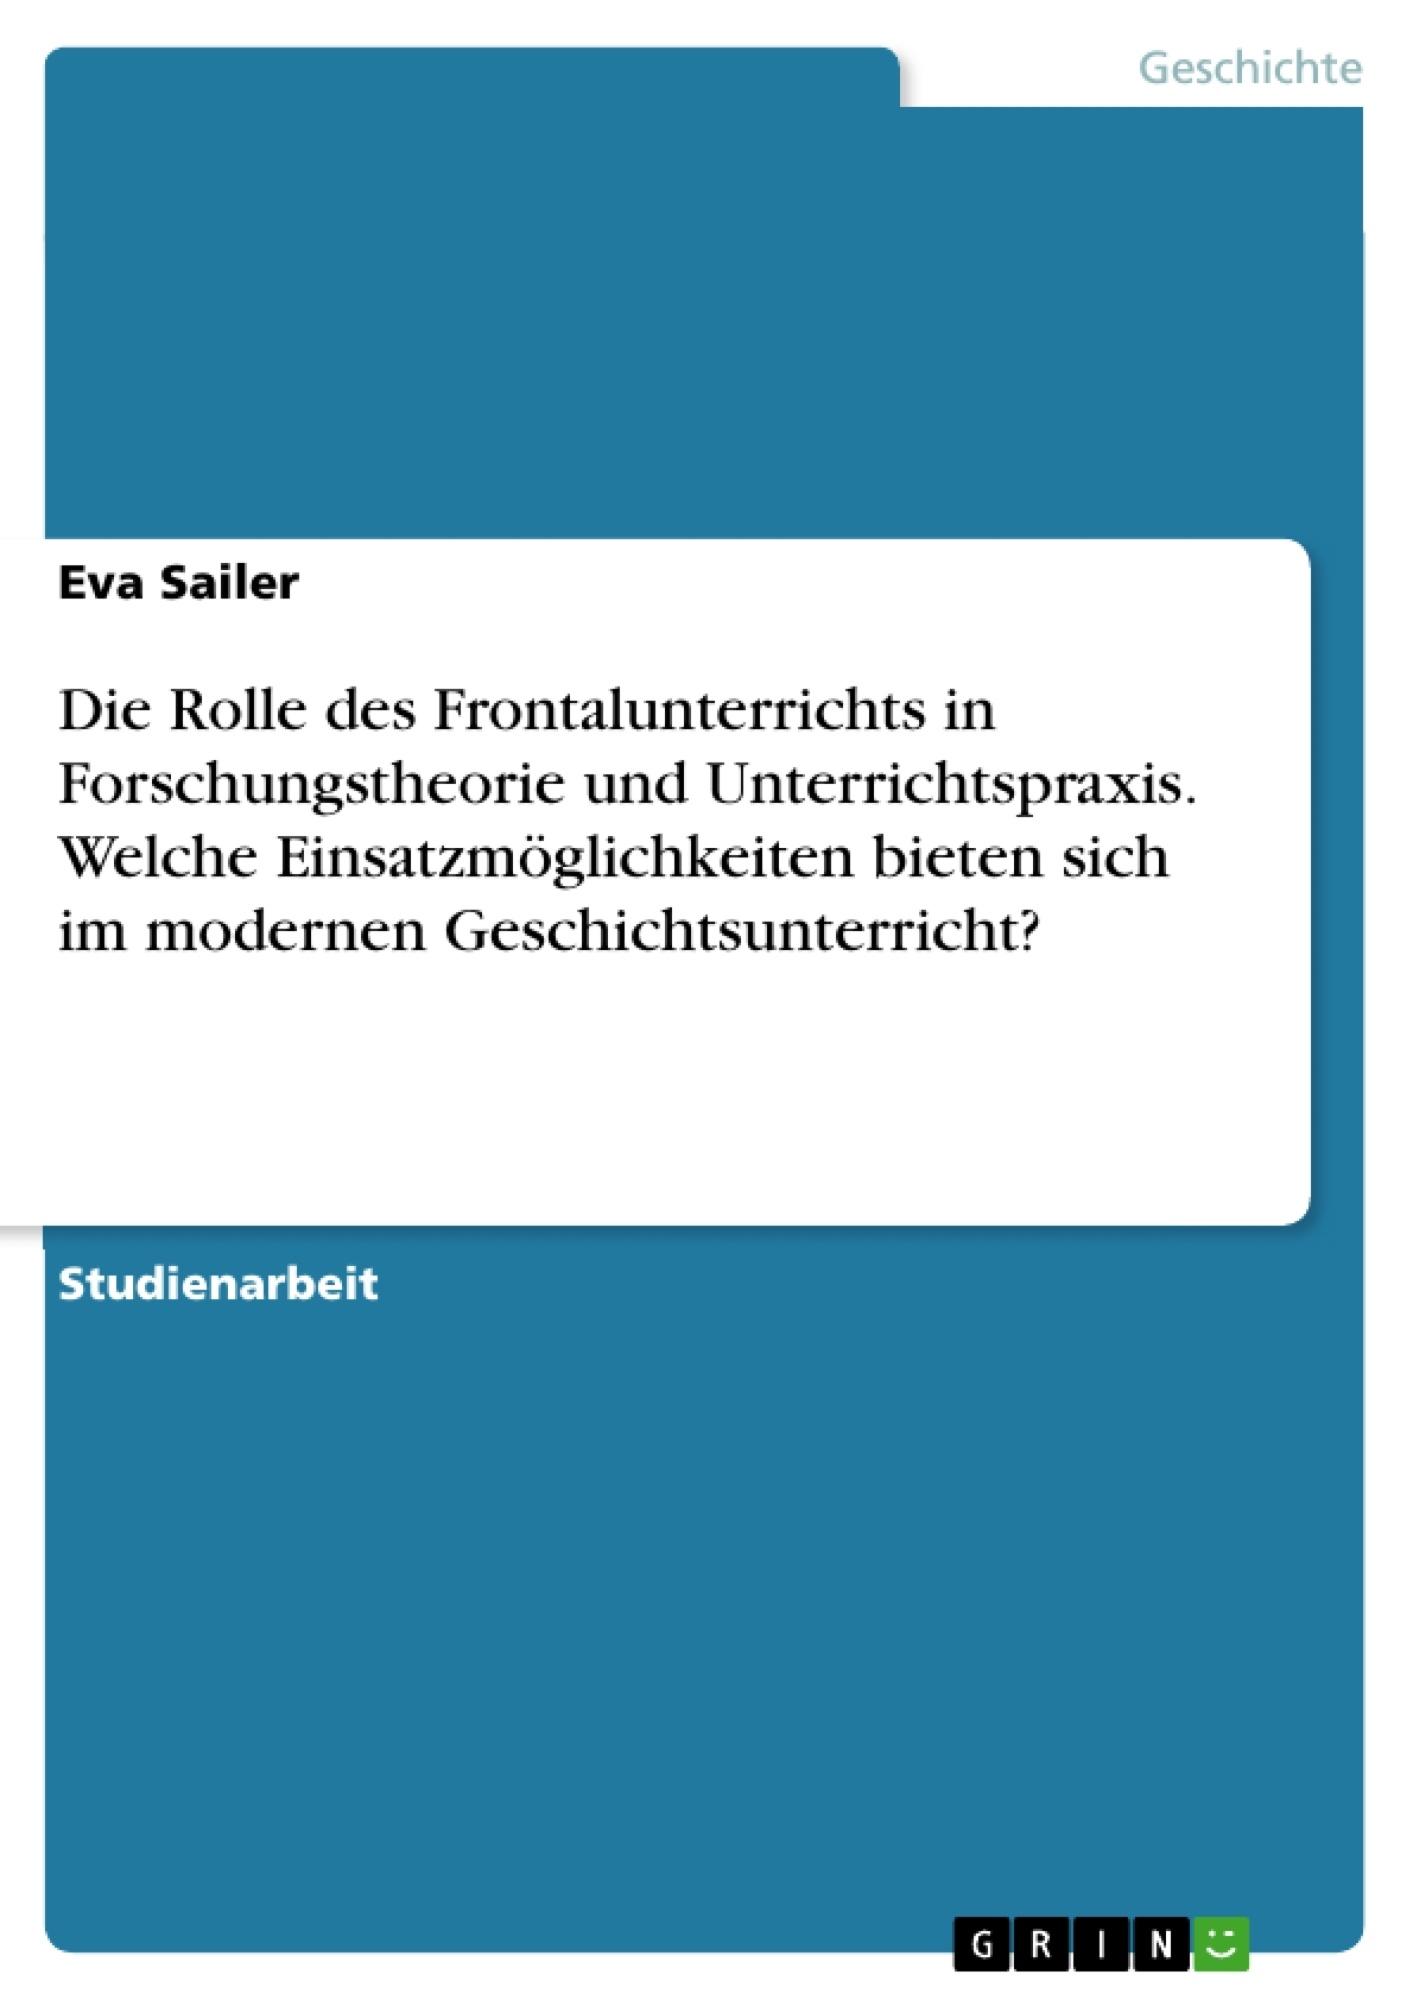 Titel: Die Rolle des Frontalunterrichts in Forschungstheorie und Unterrichtspraxis. Welche Einsatzmöglichkeiten bieten sich im modernen Geschichtsunterricht?